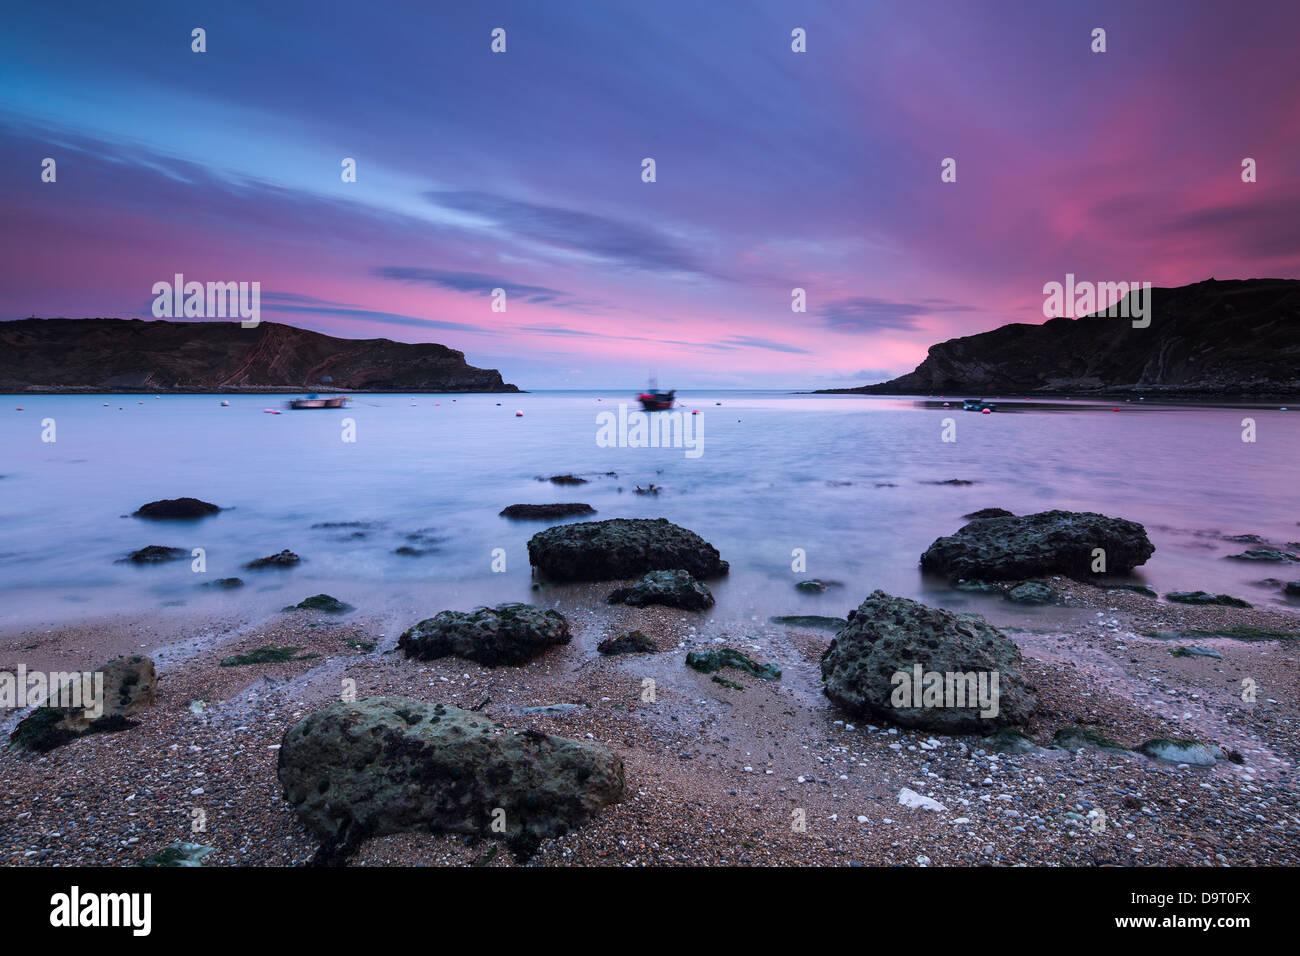 Crique de Lulworth Cove, sur la côte jurassique, Dorset, England, UK Photo Stock